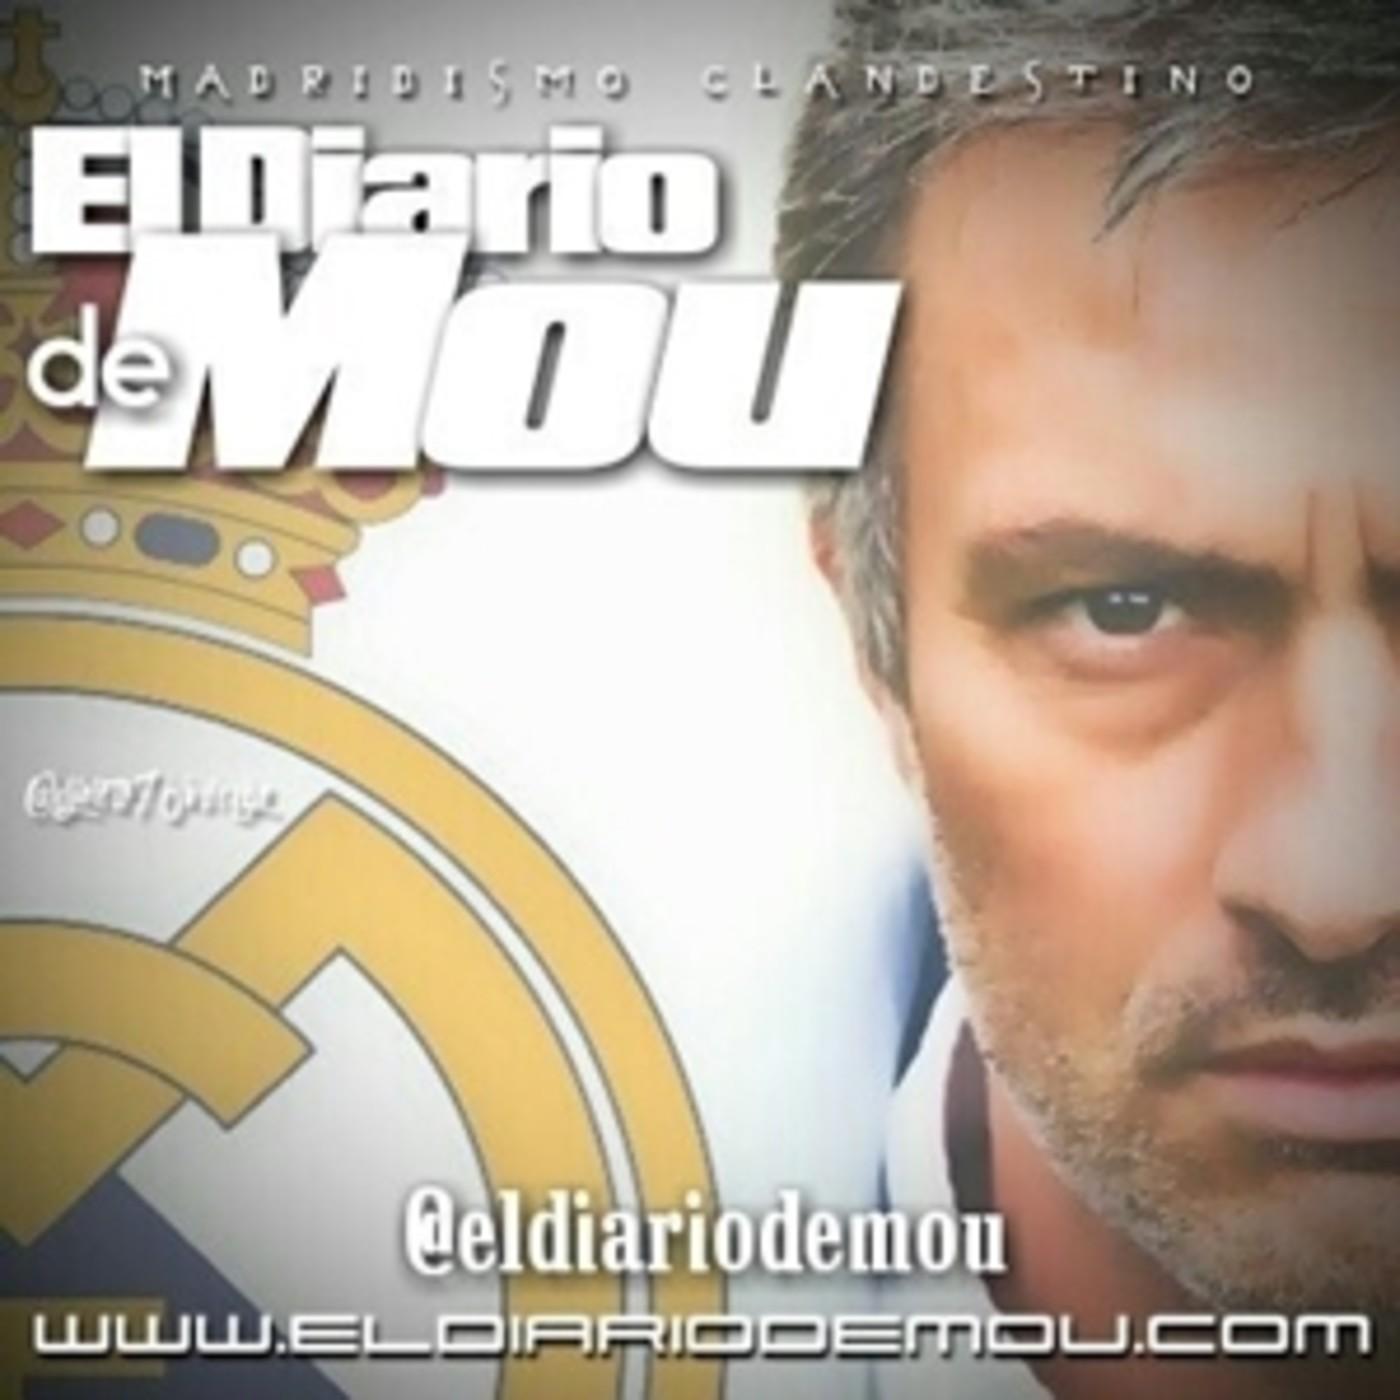 eldiariodemou